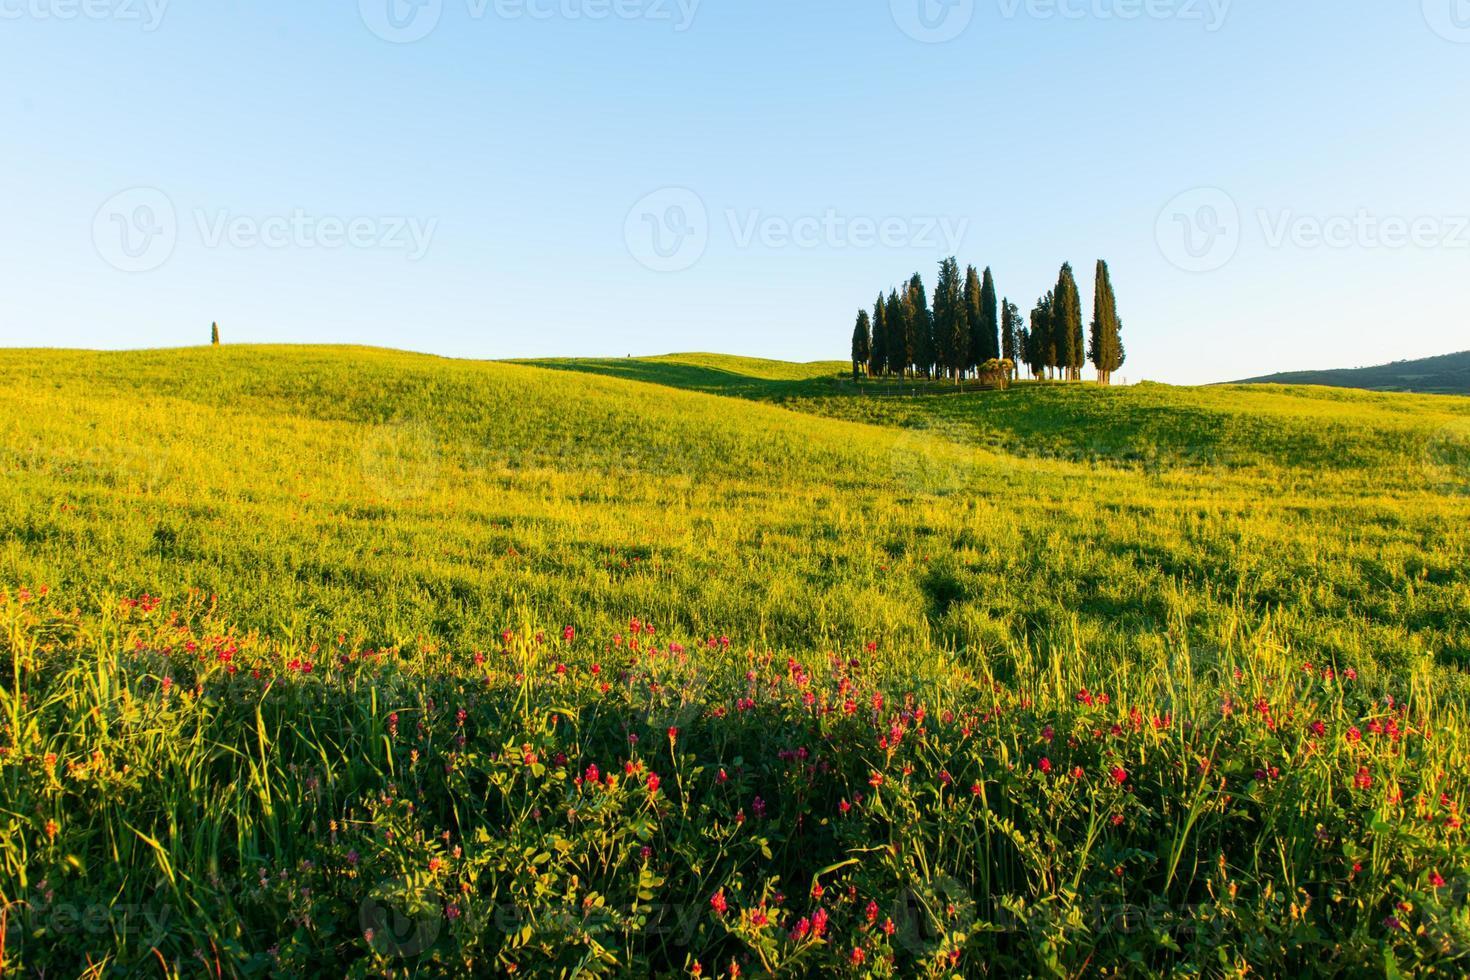 tuscany landscape near Pienza, Val d'Orcia Italy photo